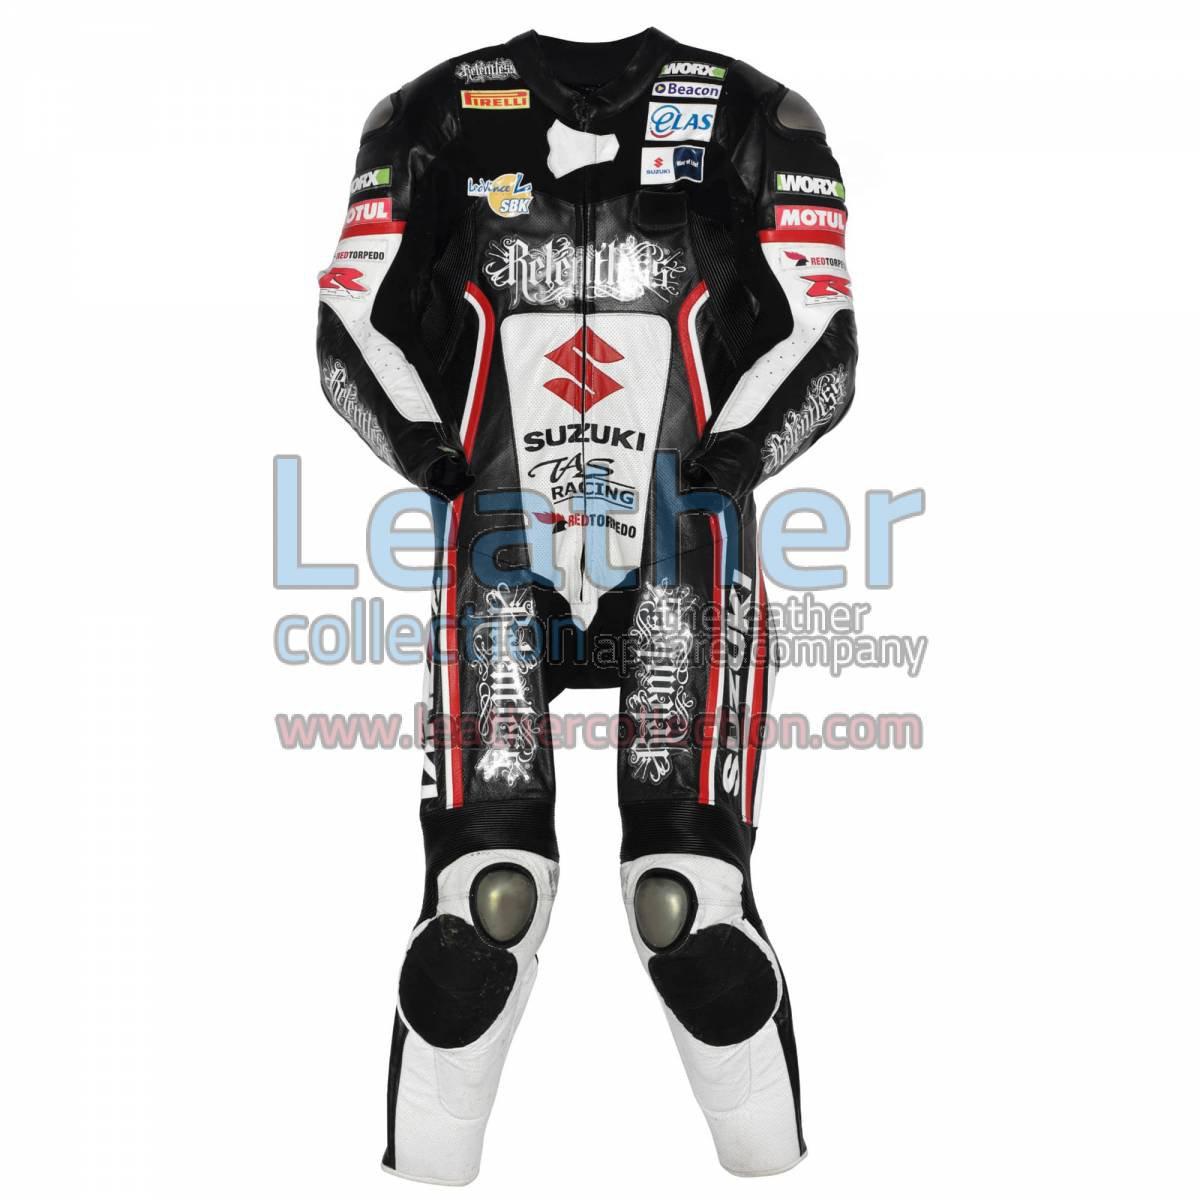 Guy Martin Suzuki Tourist Trophy 2011 Suit